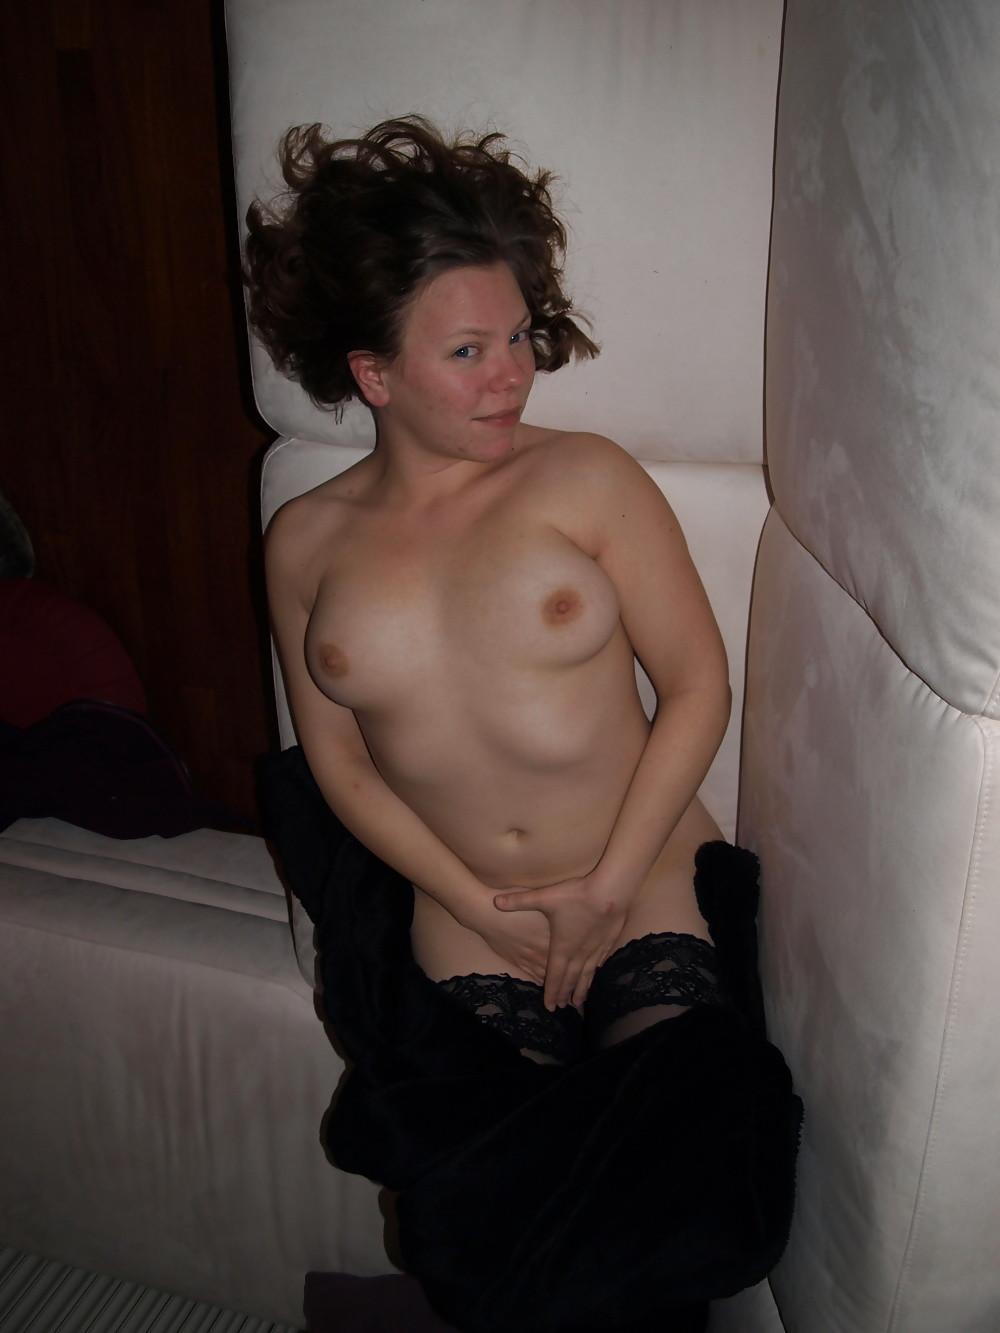 Смотреть небритой вагиной онлайн